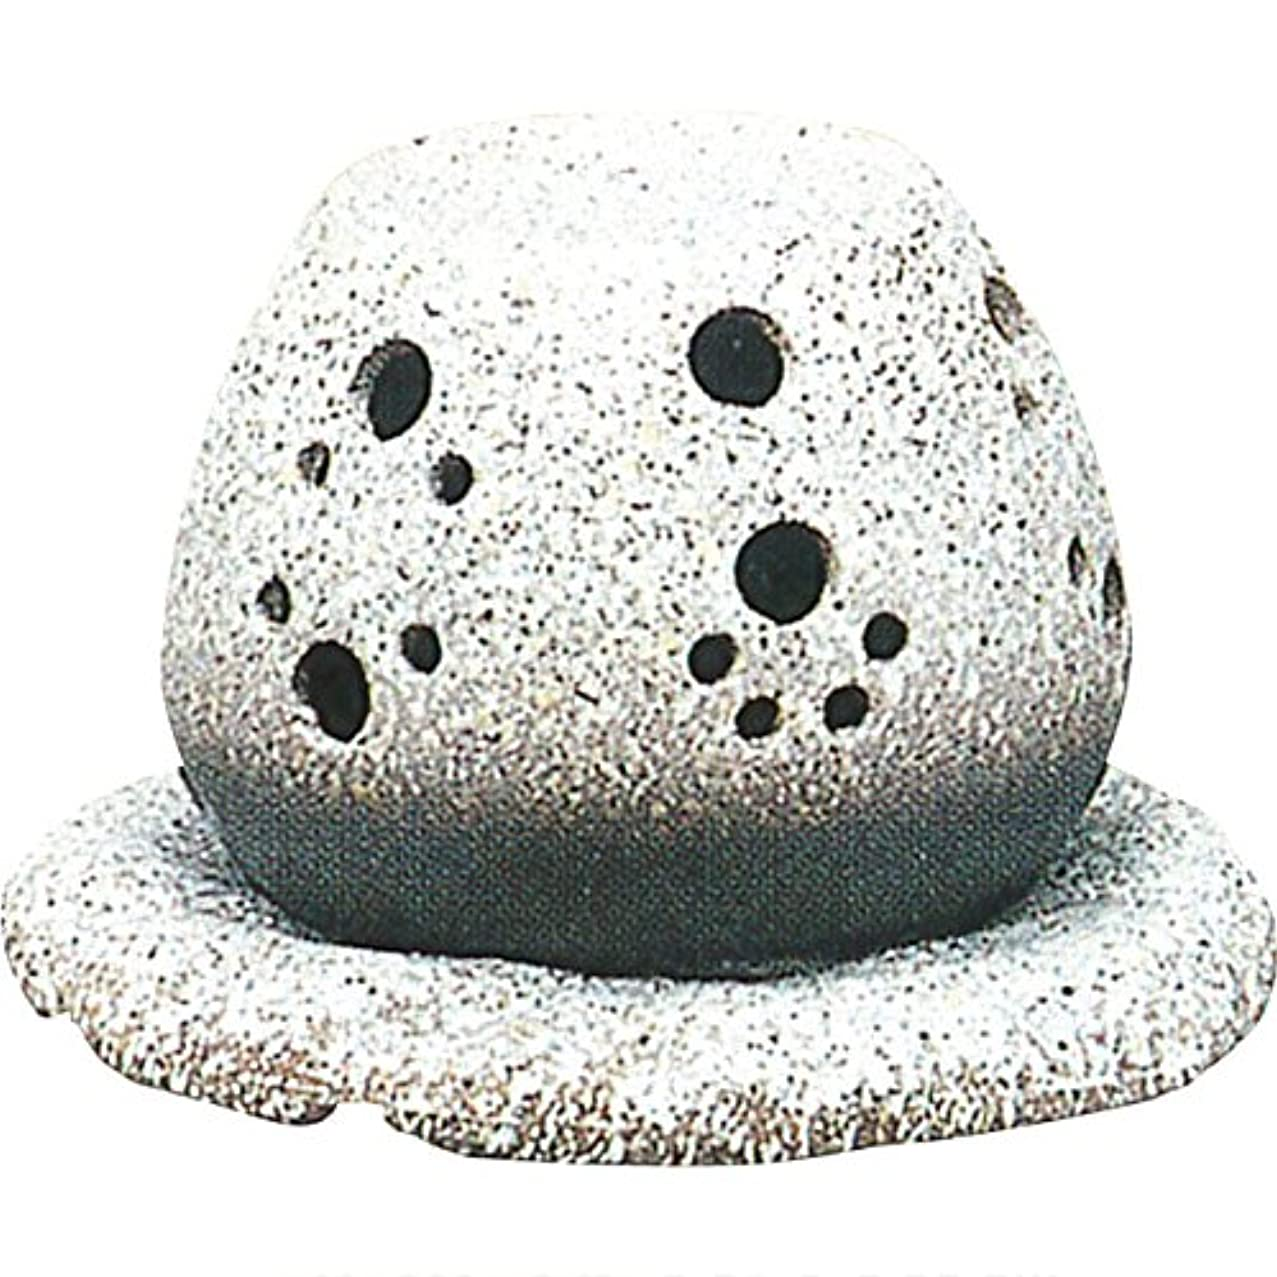 部分処理提唱する茶香炉 : 常滑焼 山房窯 ロウソクタイプ茶香炉 (白皿付?ロウソク1ヶ付)?ル35-05